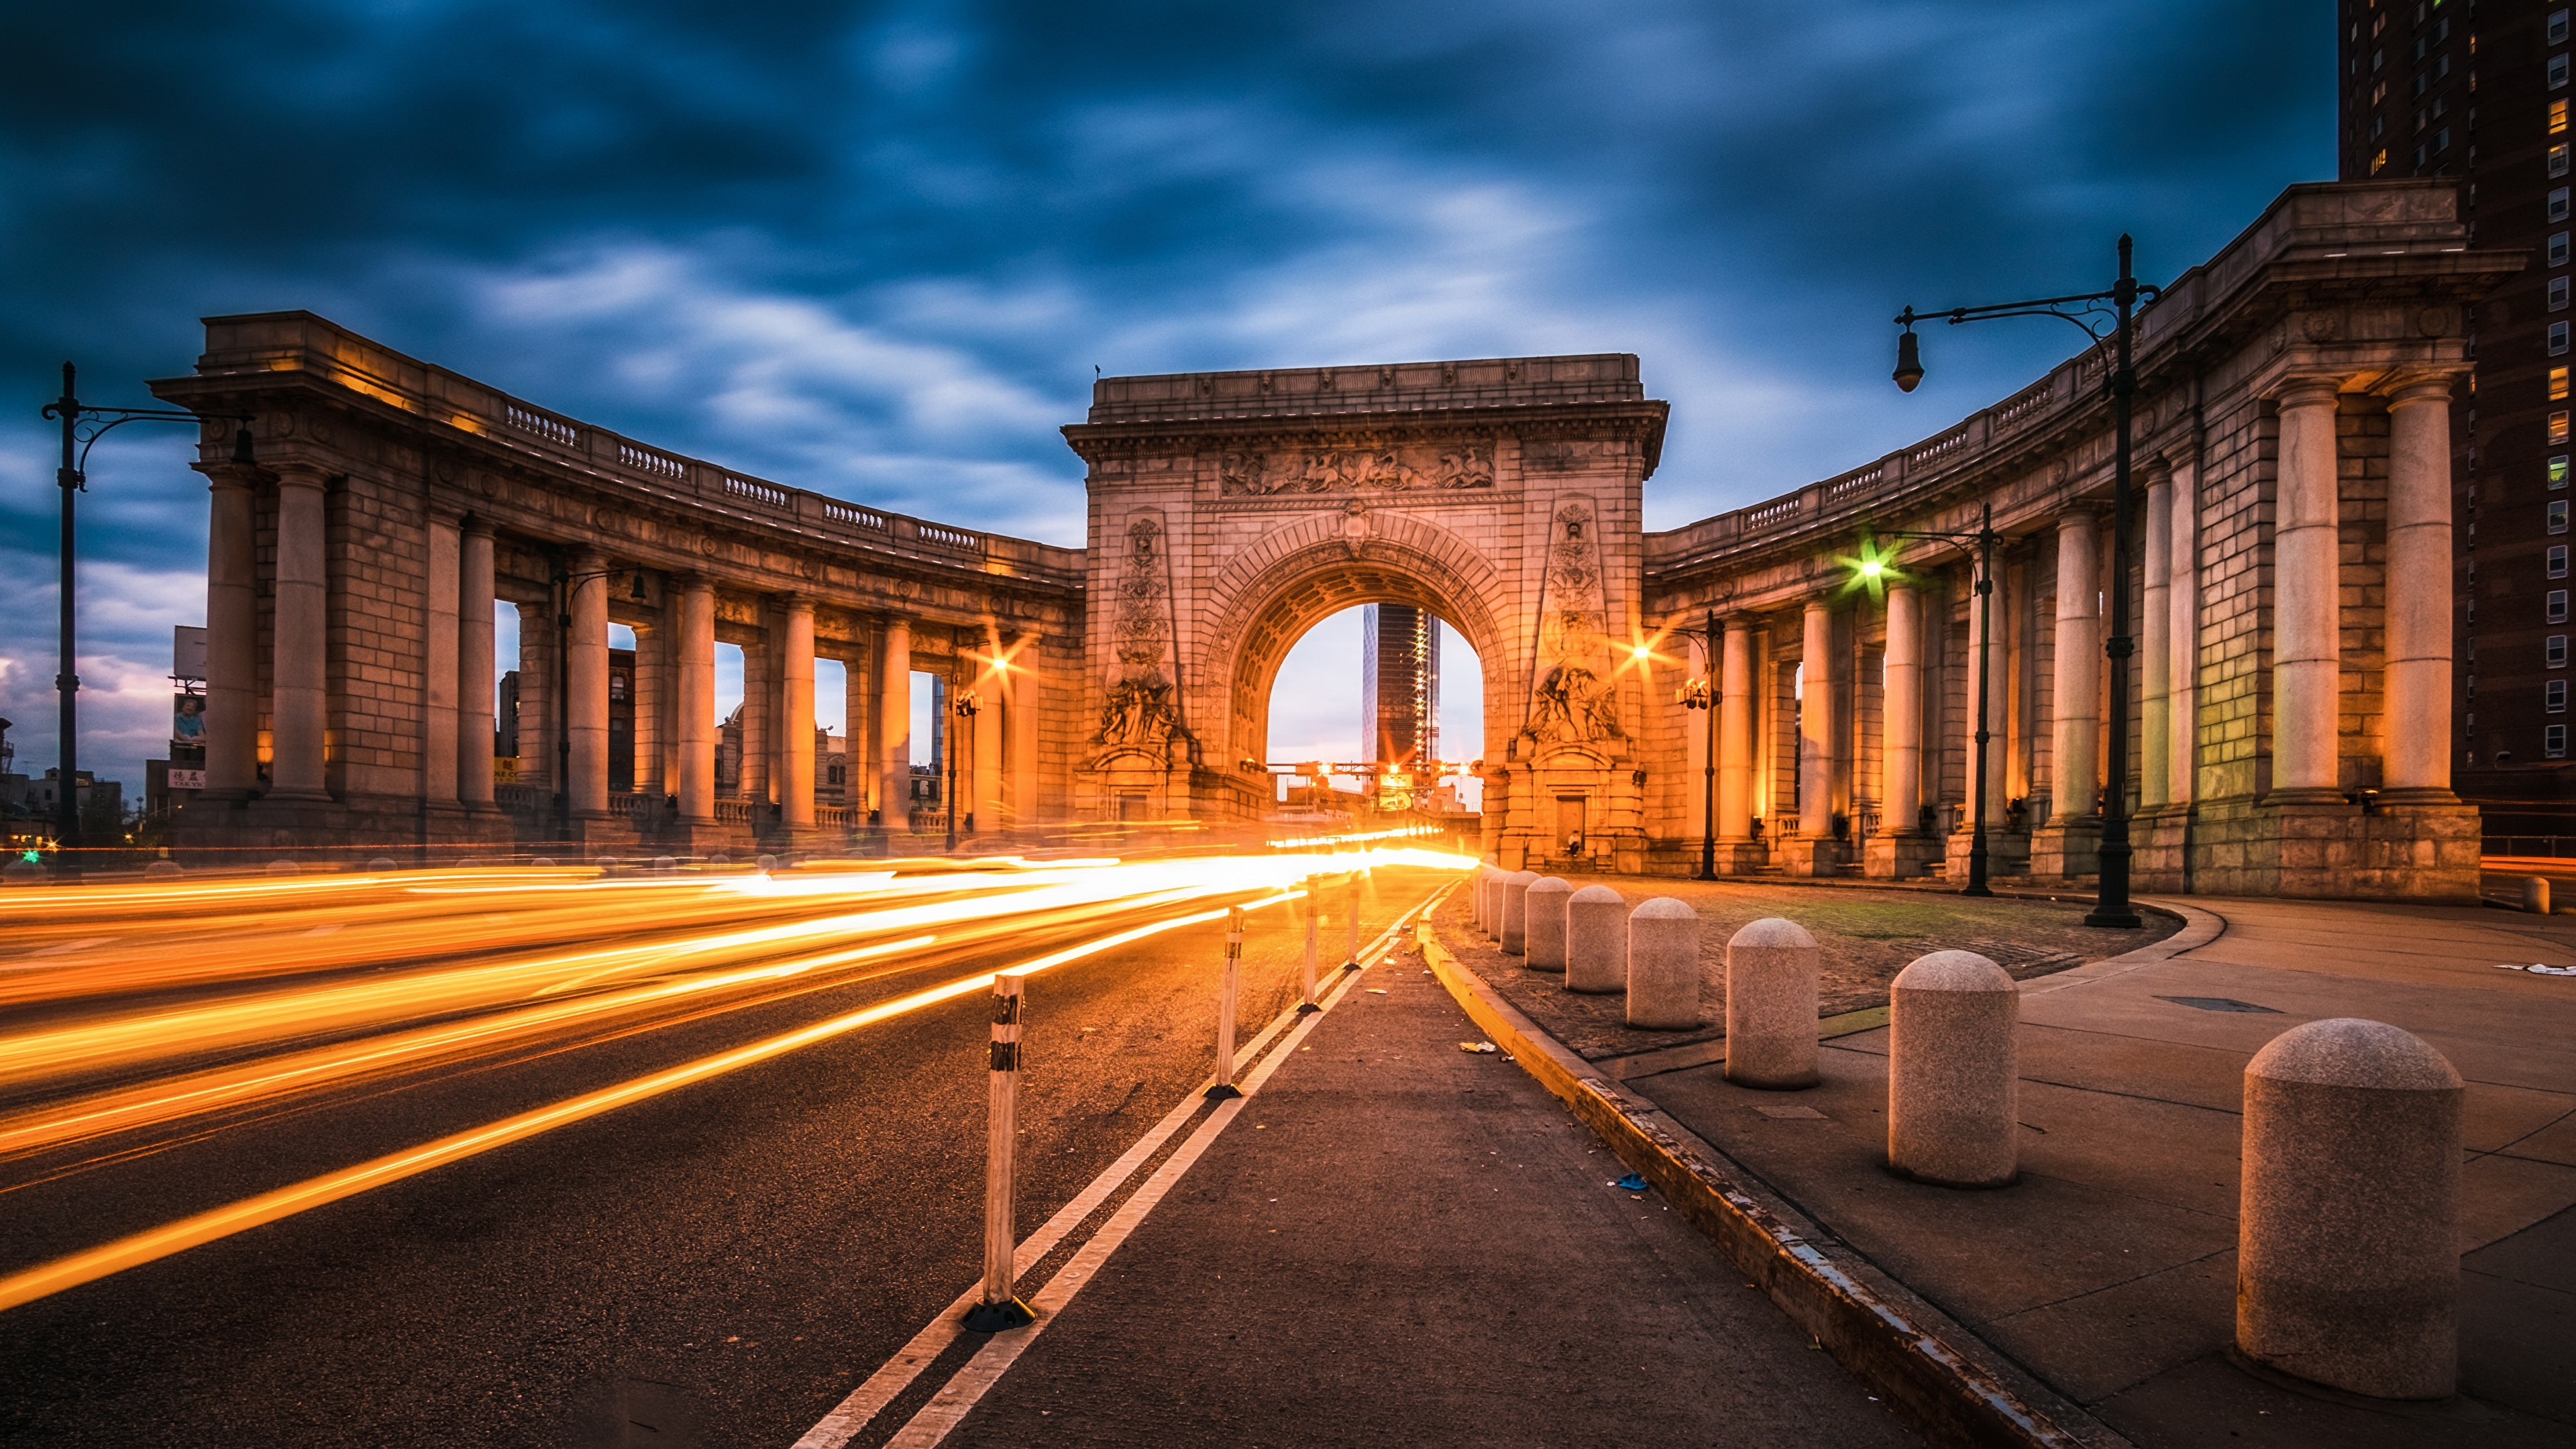 Картинки Манхэттен США Арка Manhattan Bridge Дороги Вечер город 3840x2160 штаты америка арки Города